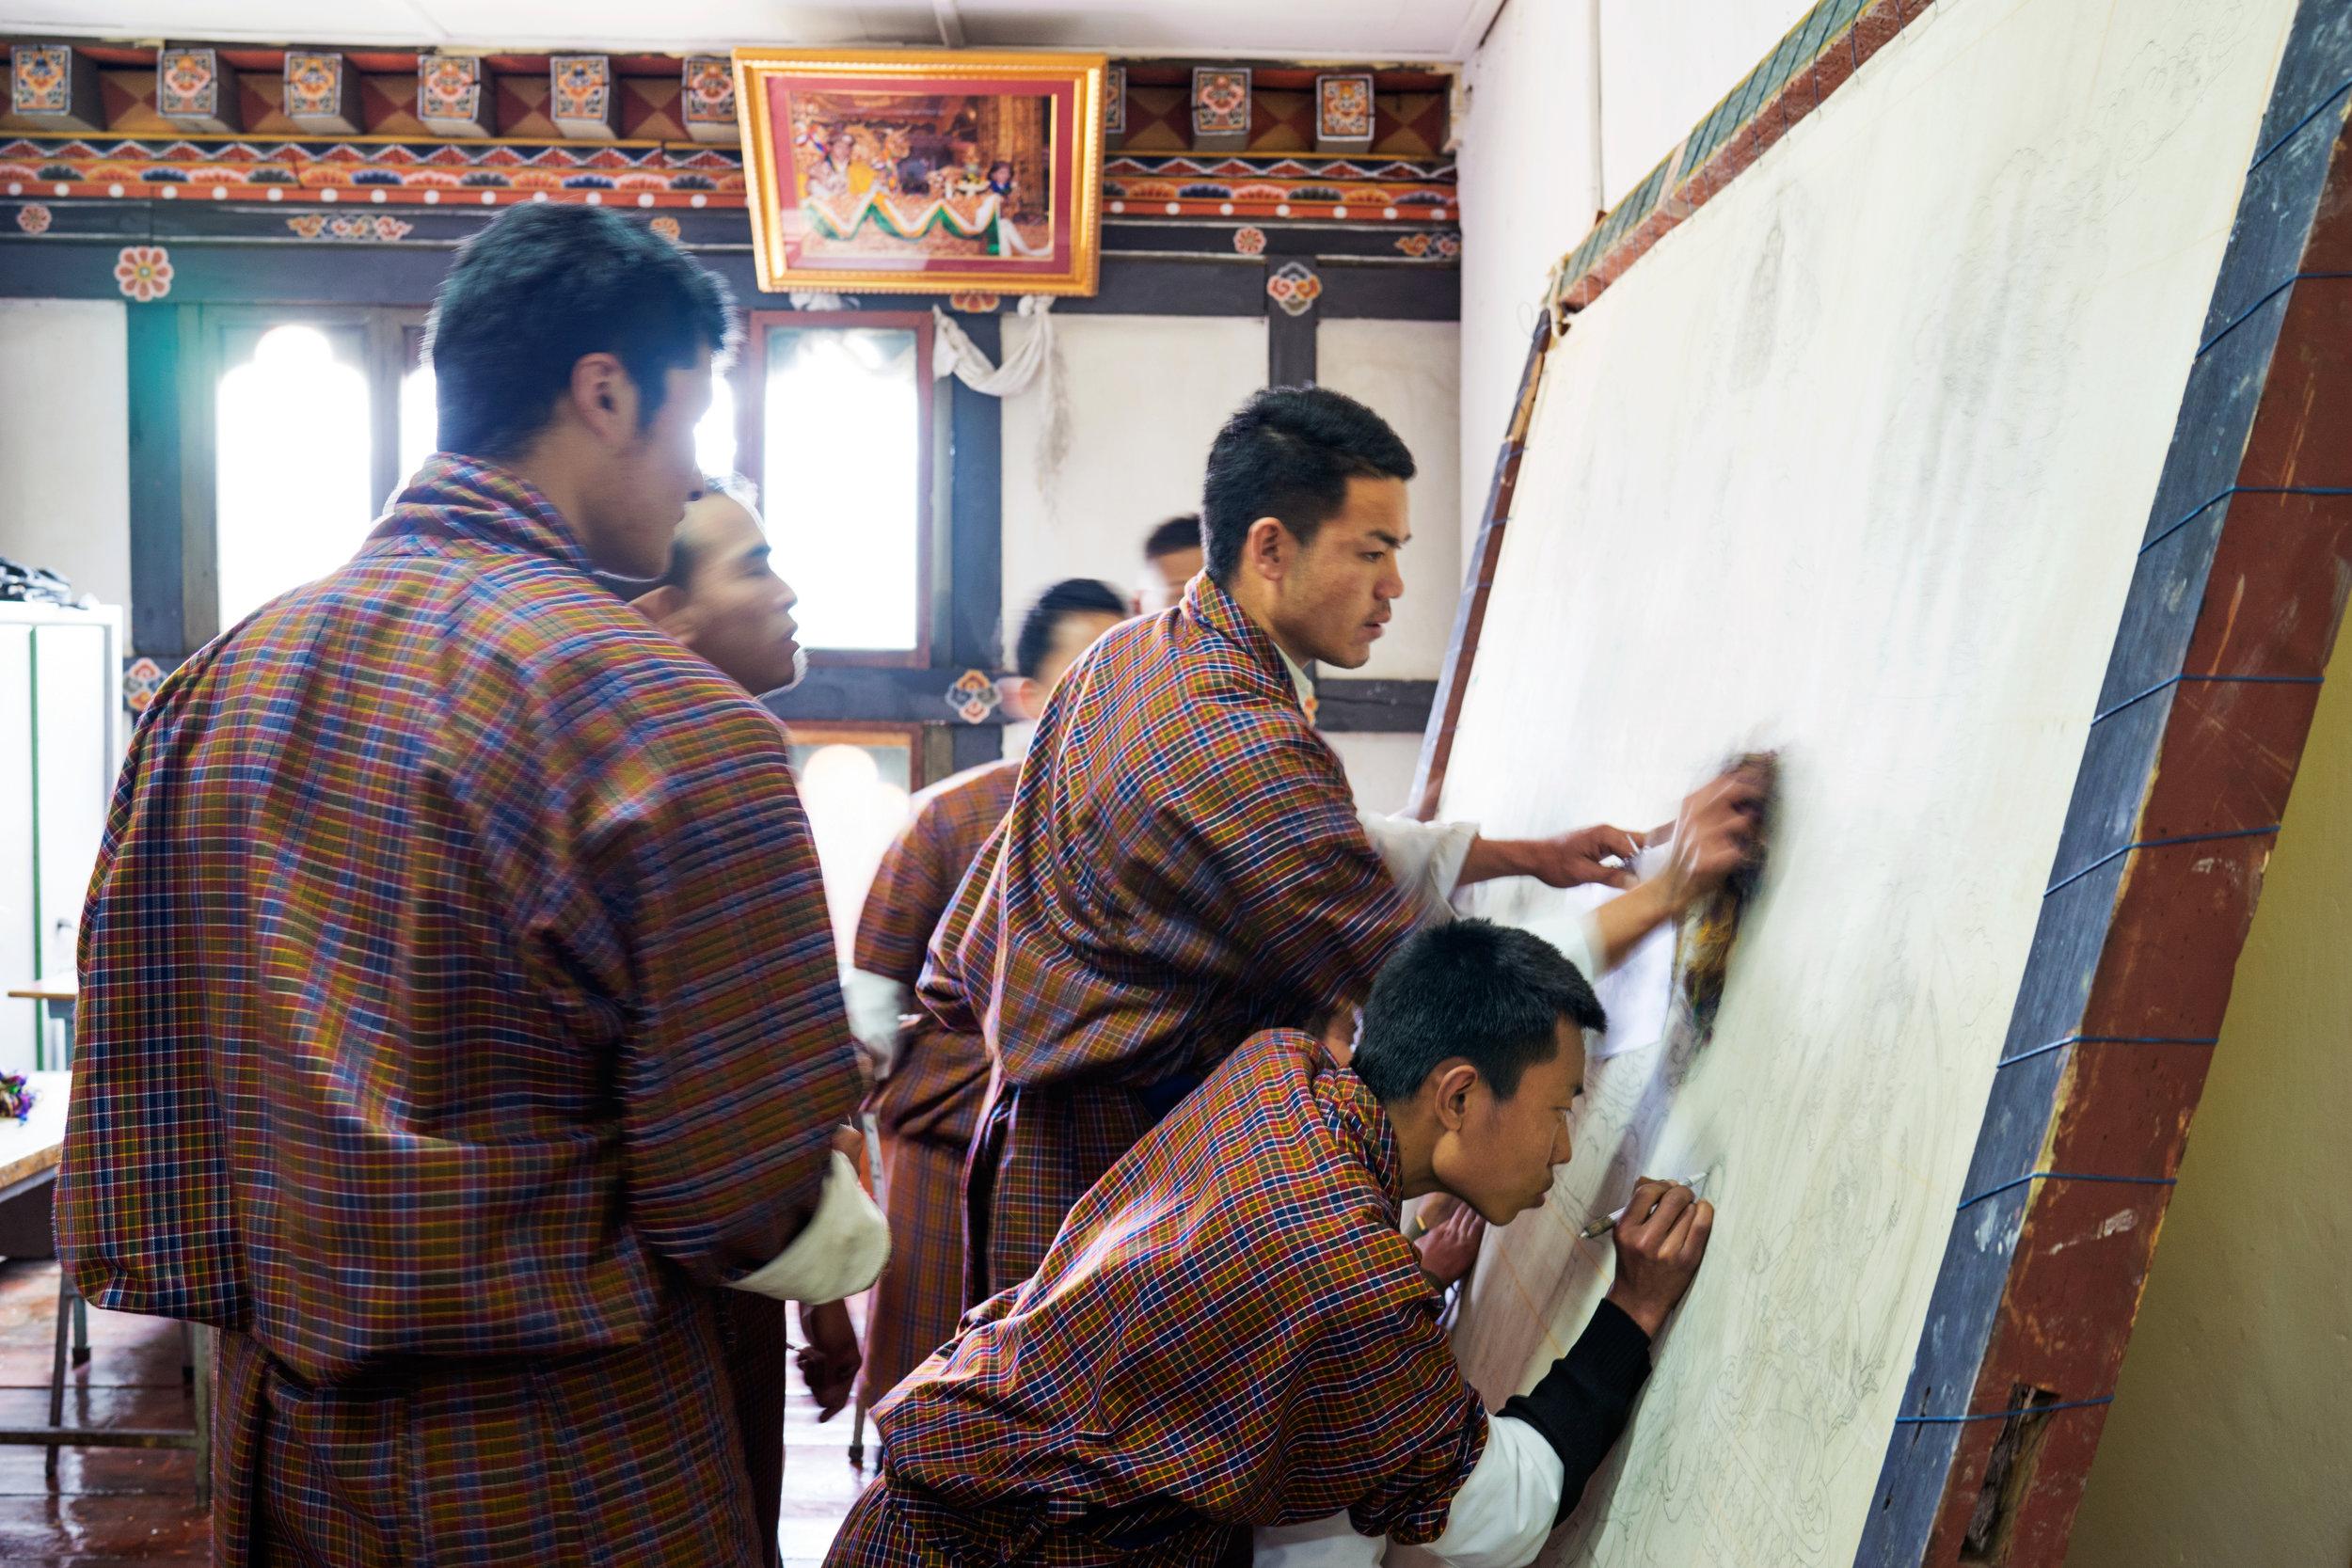 Bhutan_0014.jpg